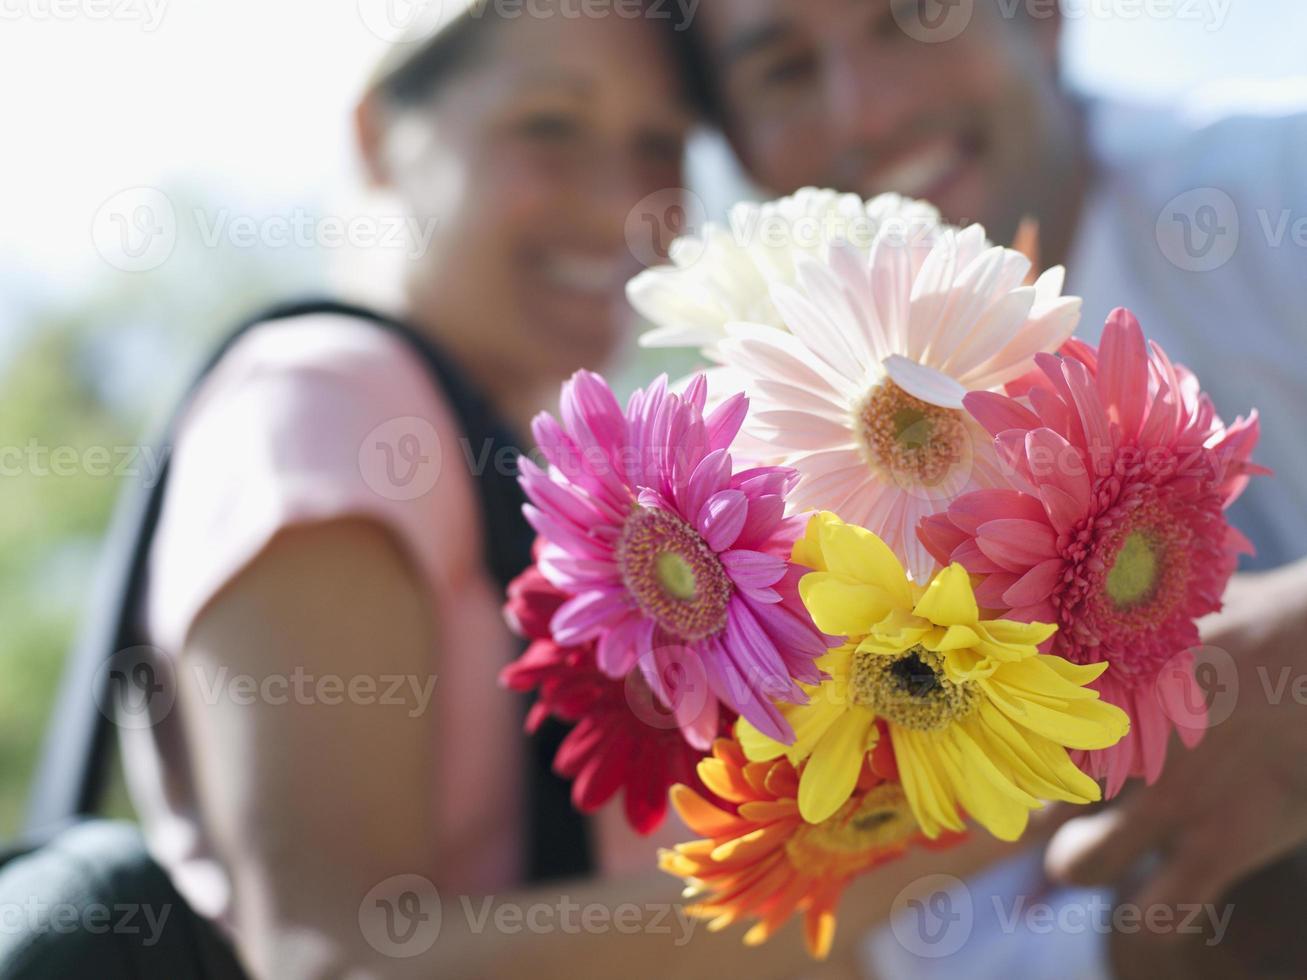 casal segurando ramo de flores coloridas, close-up, foco em fo foto